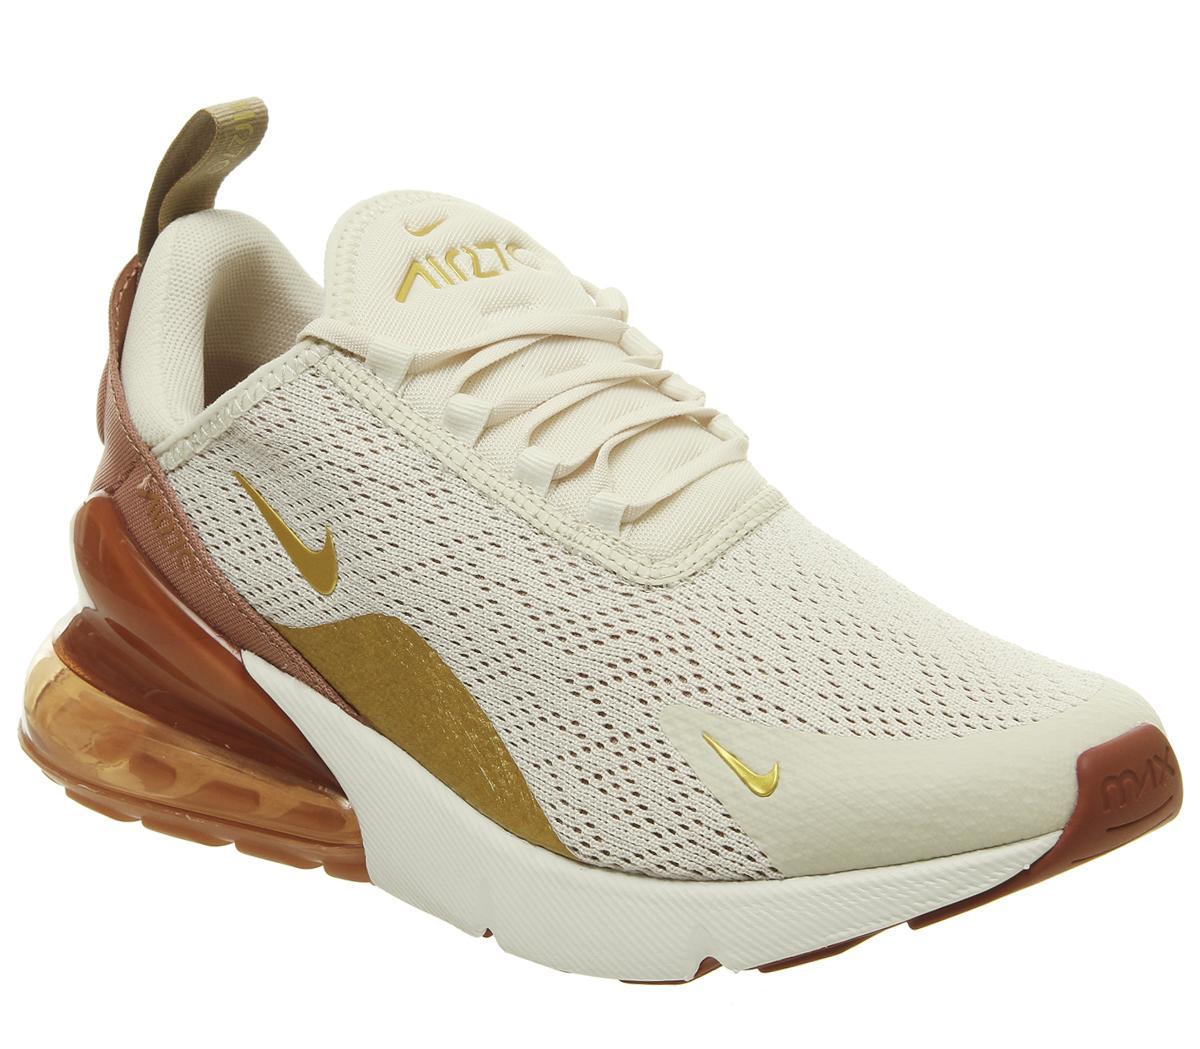 Nike WMNS Air Max 270 (beigegold)